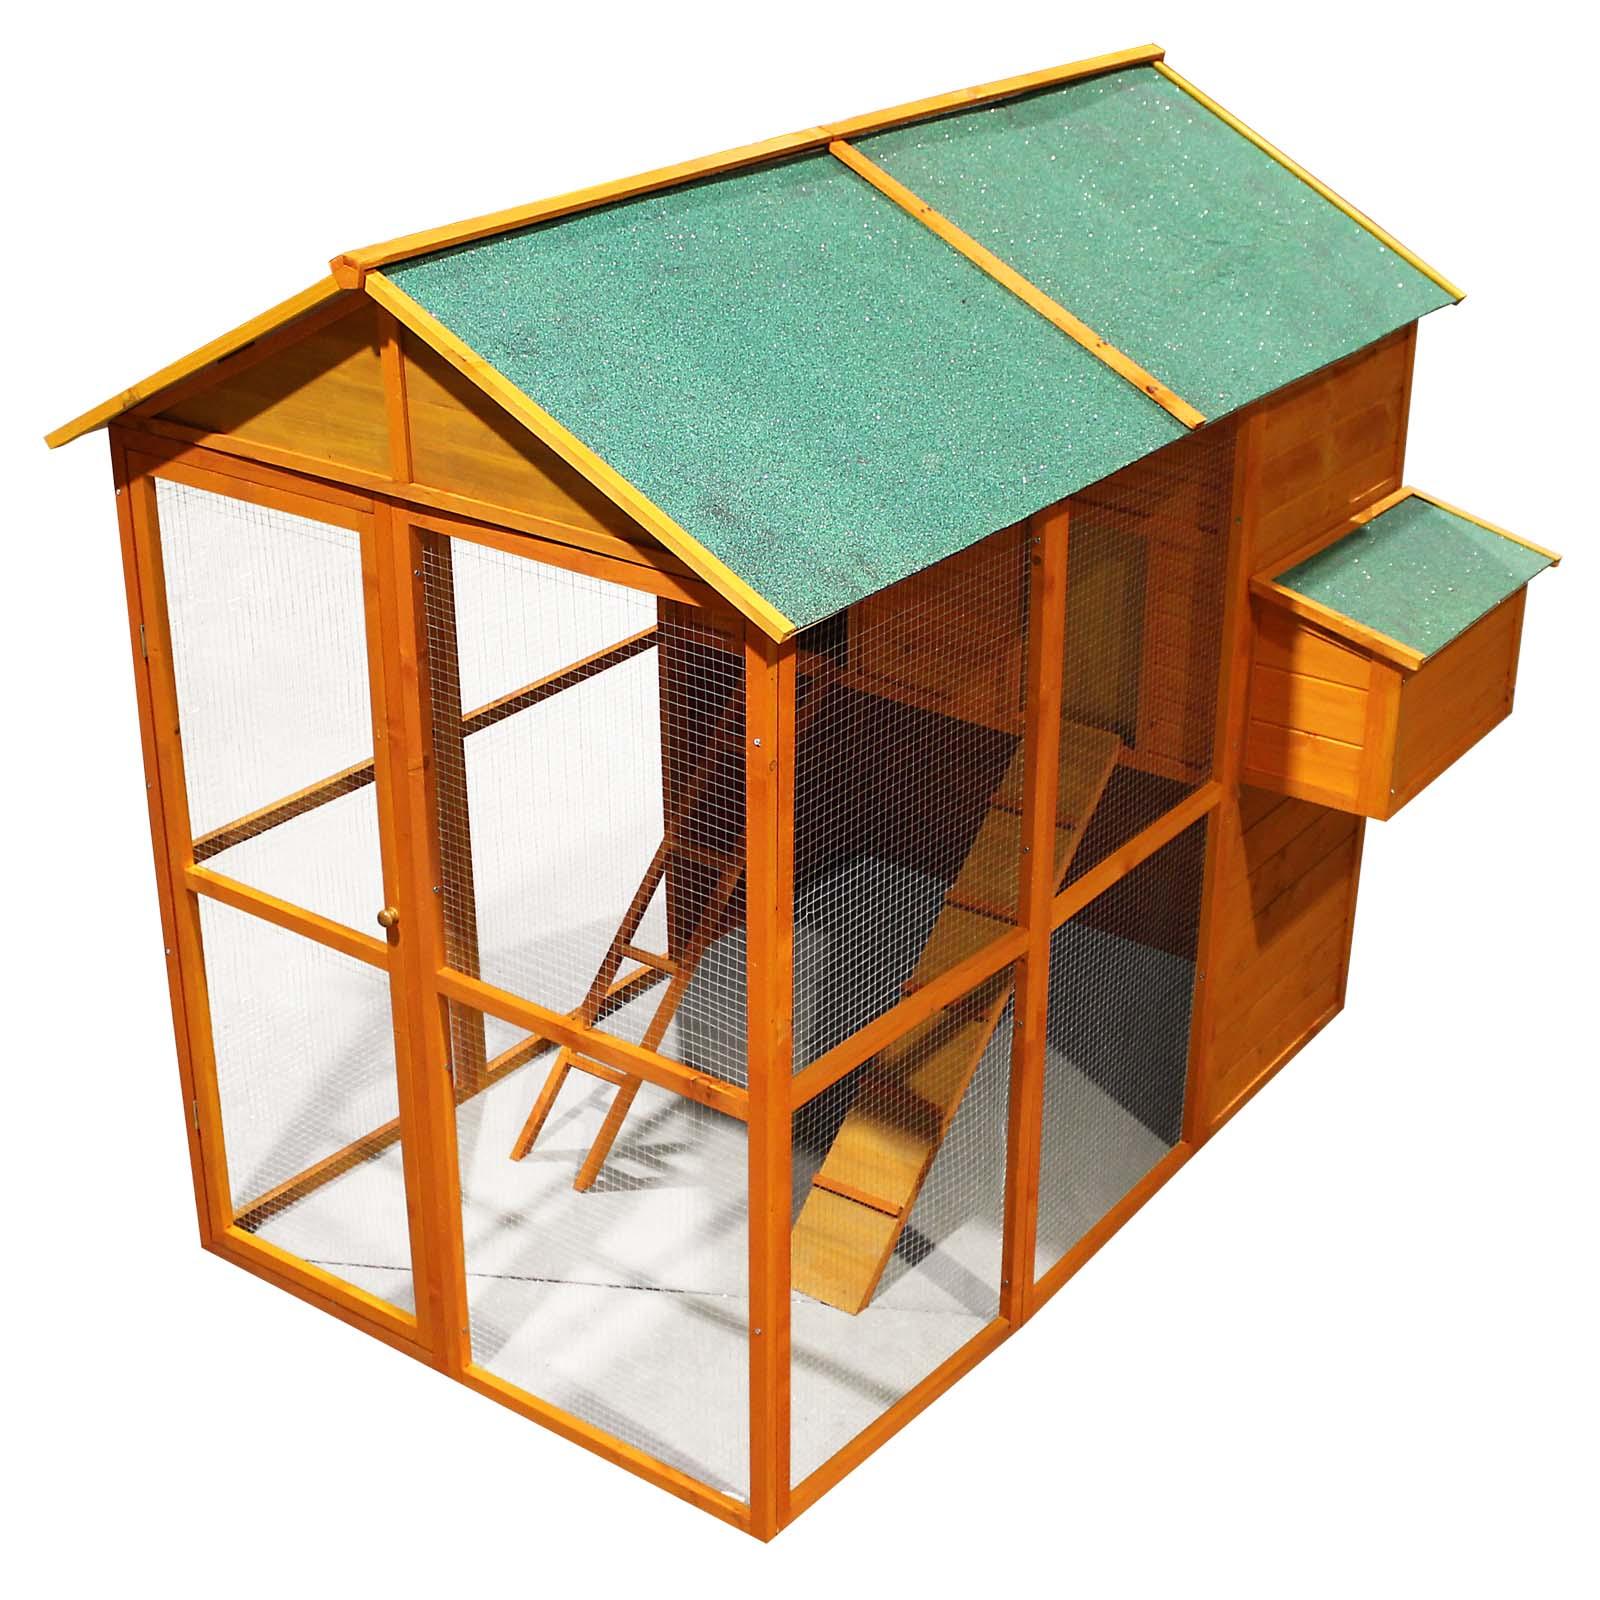 verschiedene modelle h hnerhaus h hnerstall voliere. Black Bedroom Furniture Sets. Home Design Ideas